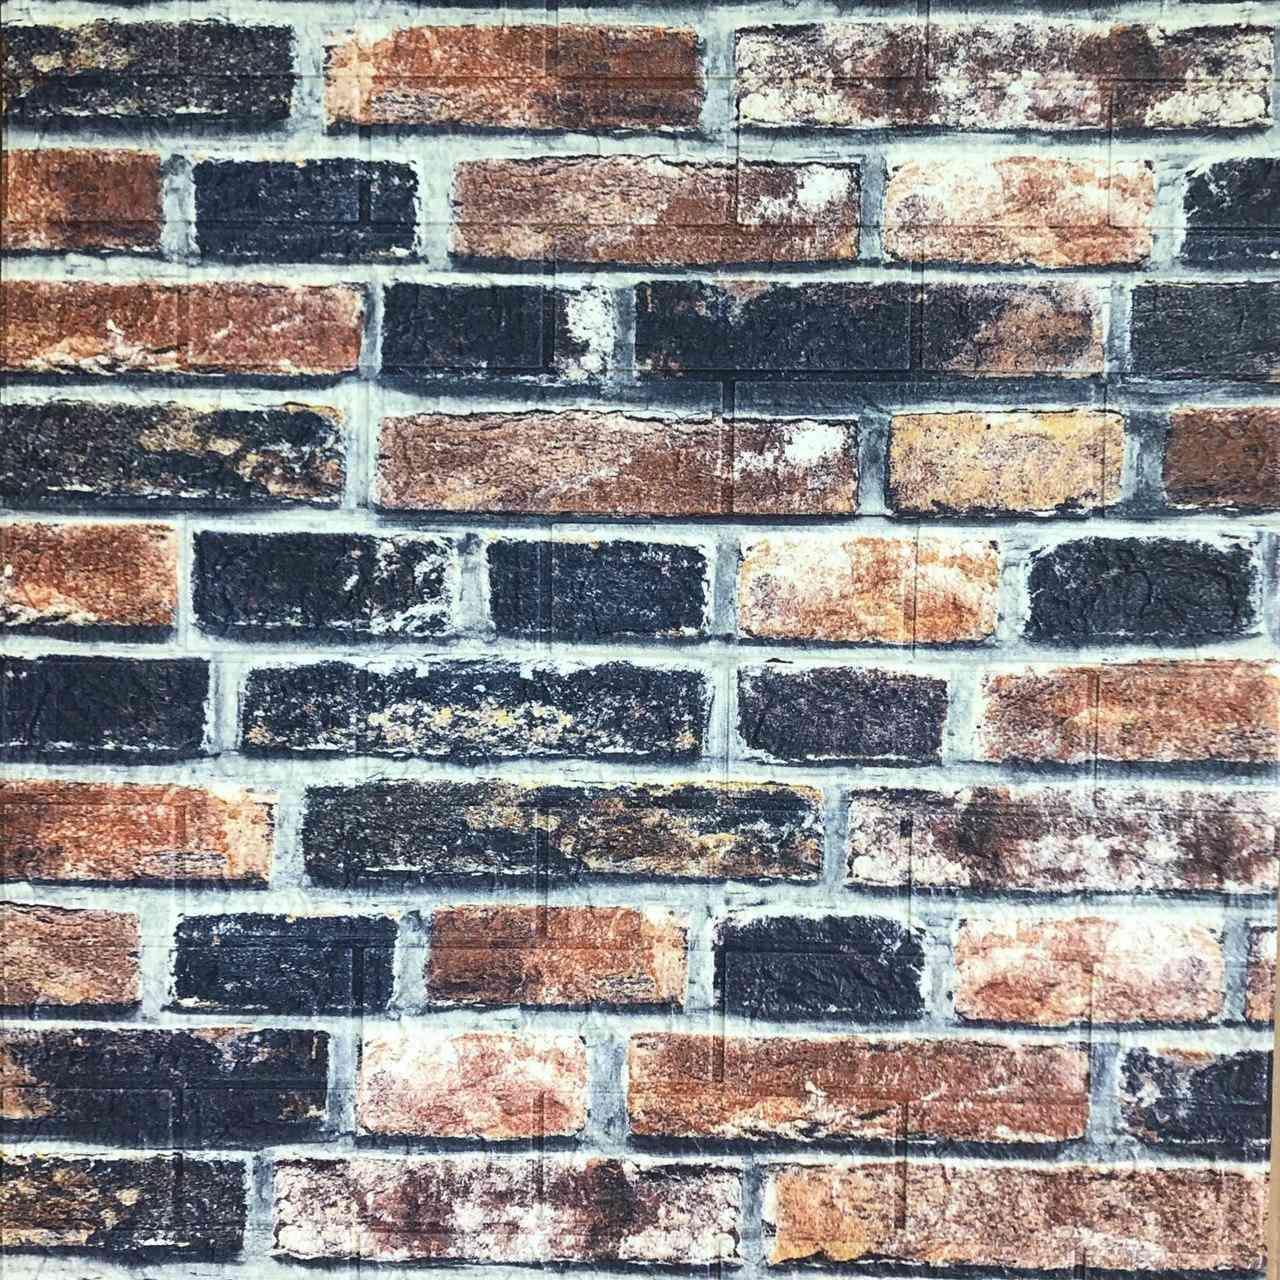 3д панель стеновой декоративный Кирпичная кладка Лофт (самоклеющиеся 3d панели кирпич для стен) 700x770x5 мм